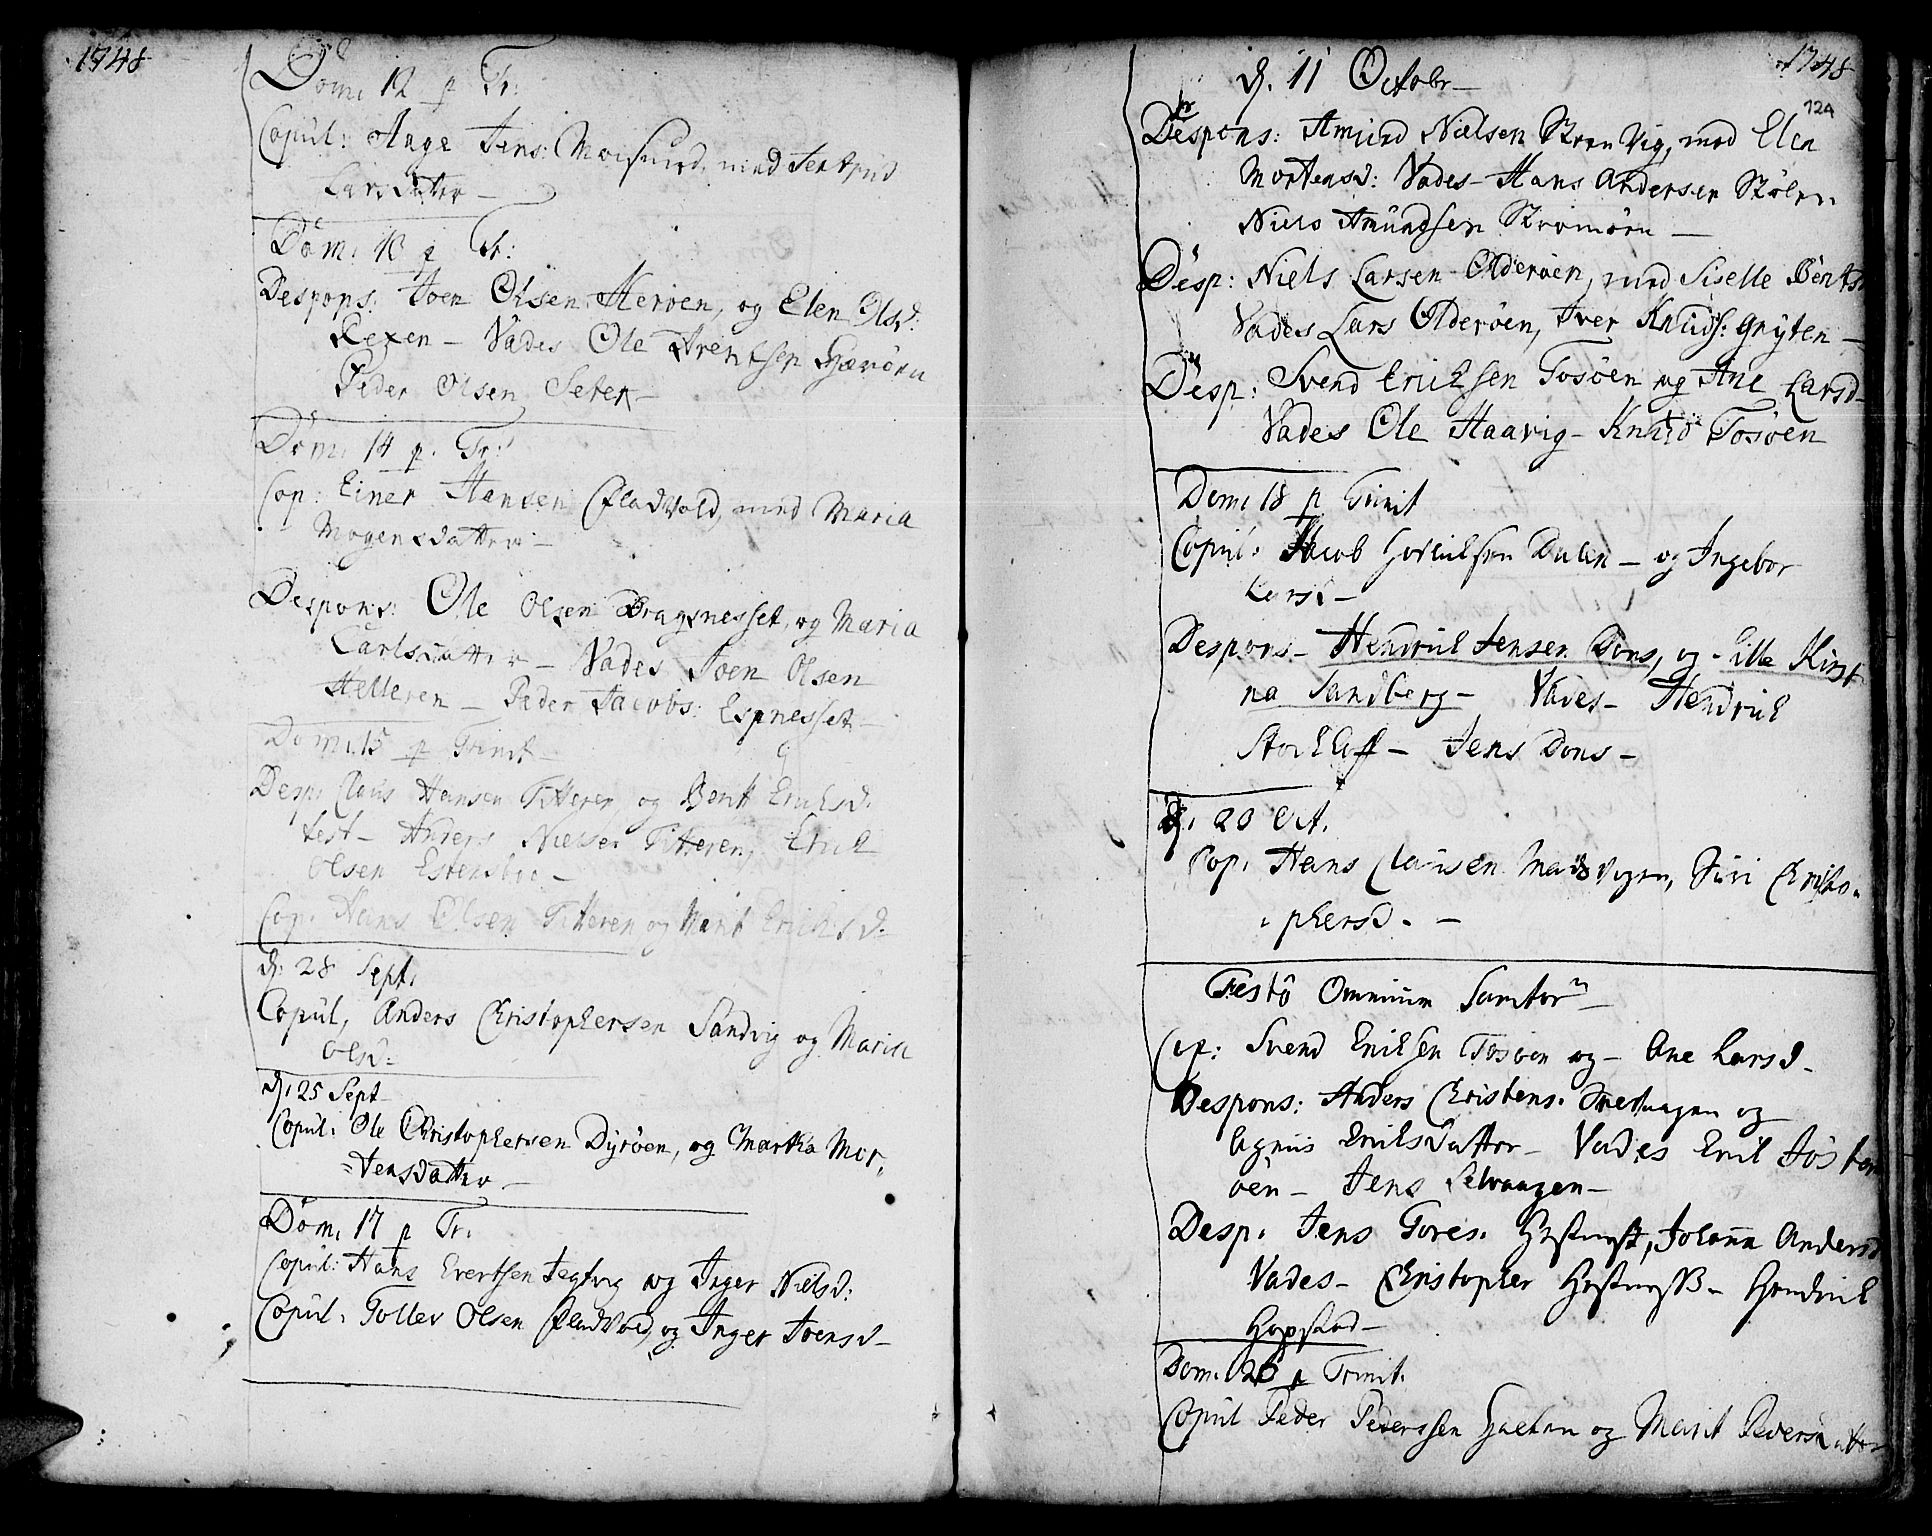 SAT, Ministerialprotokoller, klokkerbøker og fødselsregistre - Sør-Trøndelag, 634/L0525: Ministerialbok nr. 634A01, 1736-1775, s. 124